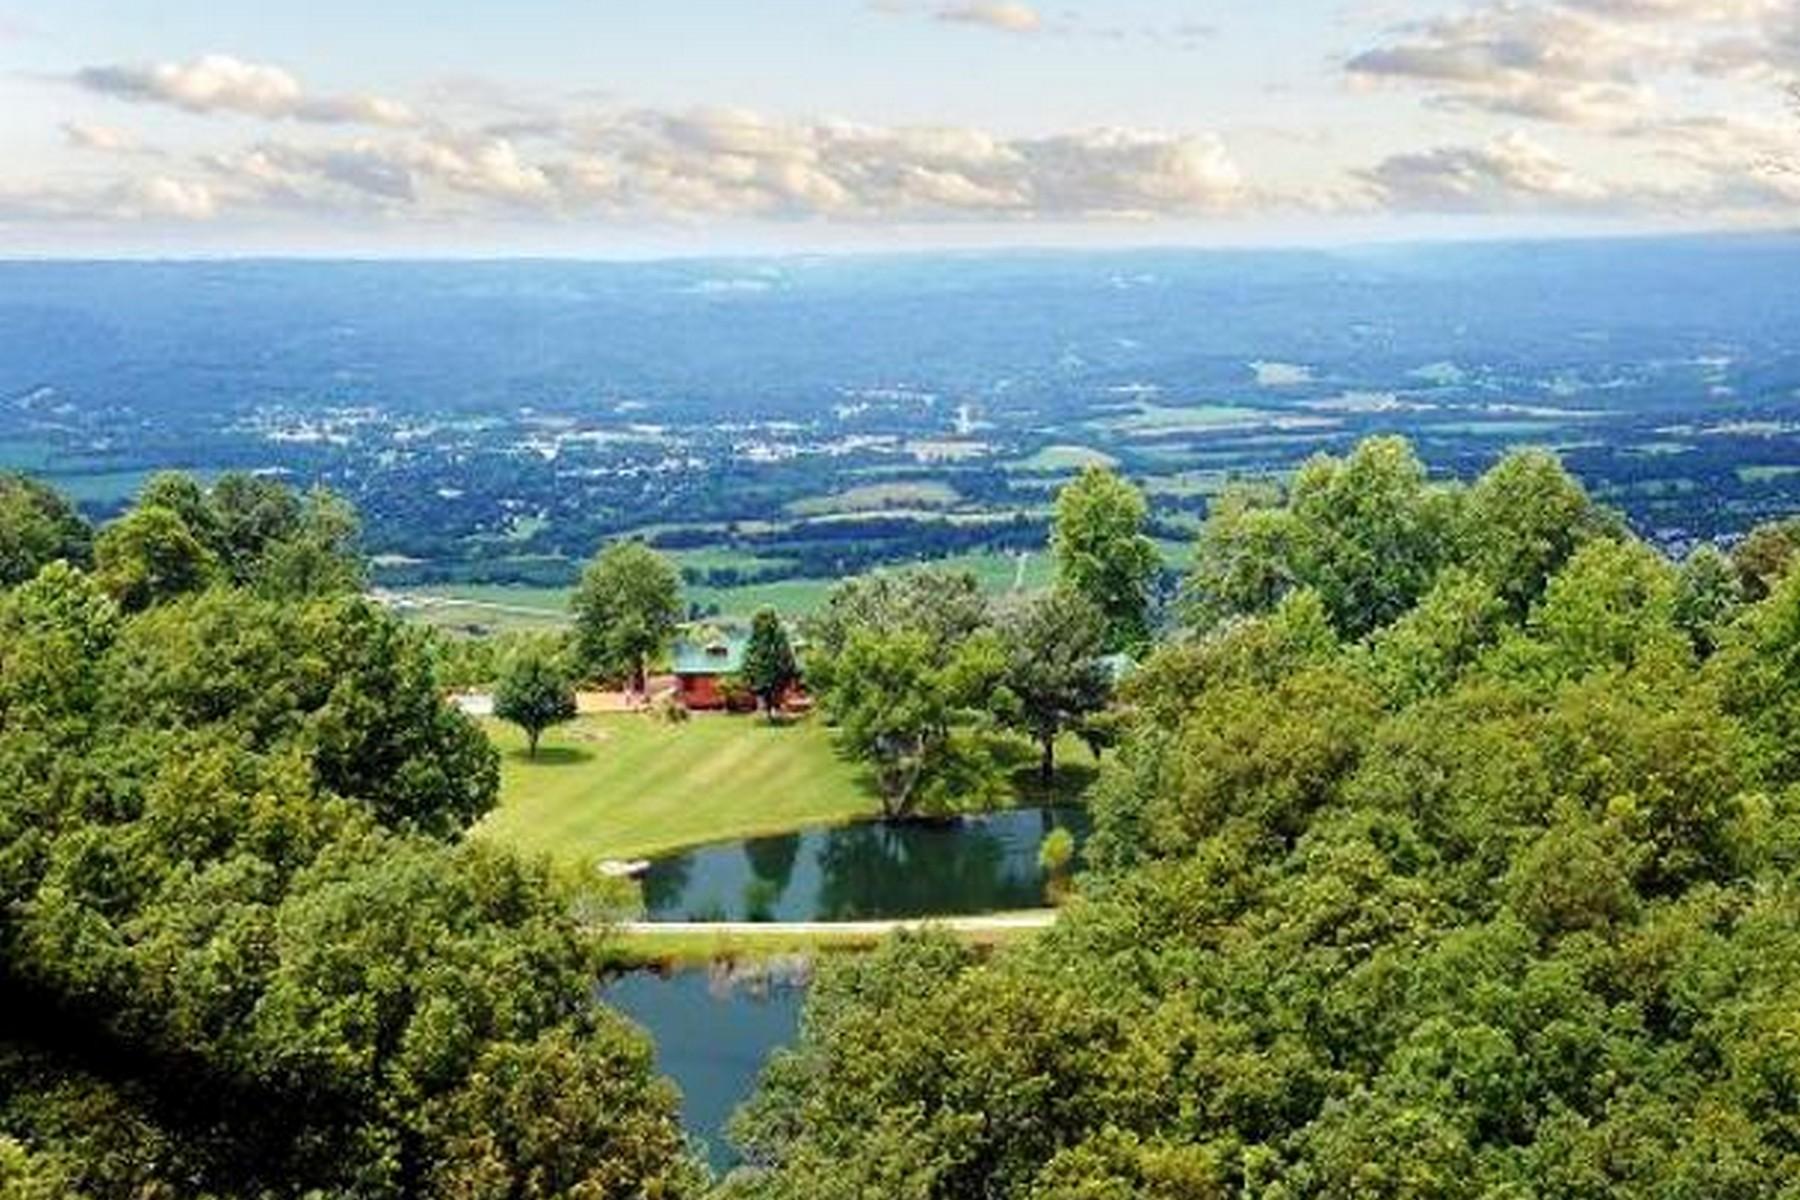 Частный односемейный дом для того Продажа на Perfect Home For Entertaining 1125 Rigsby Gap Road Pikeville, Теннесси 37367 Соединенные Штаты